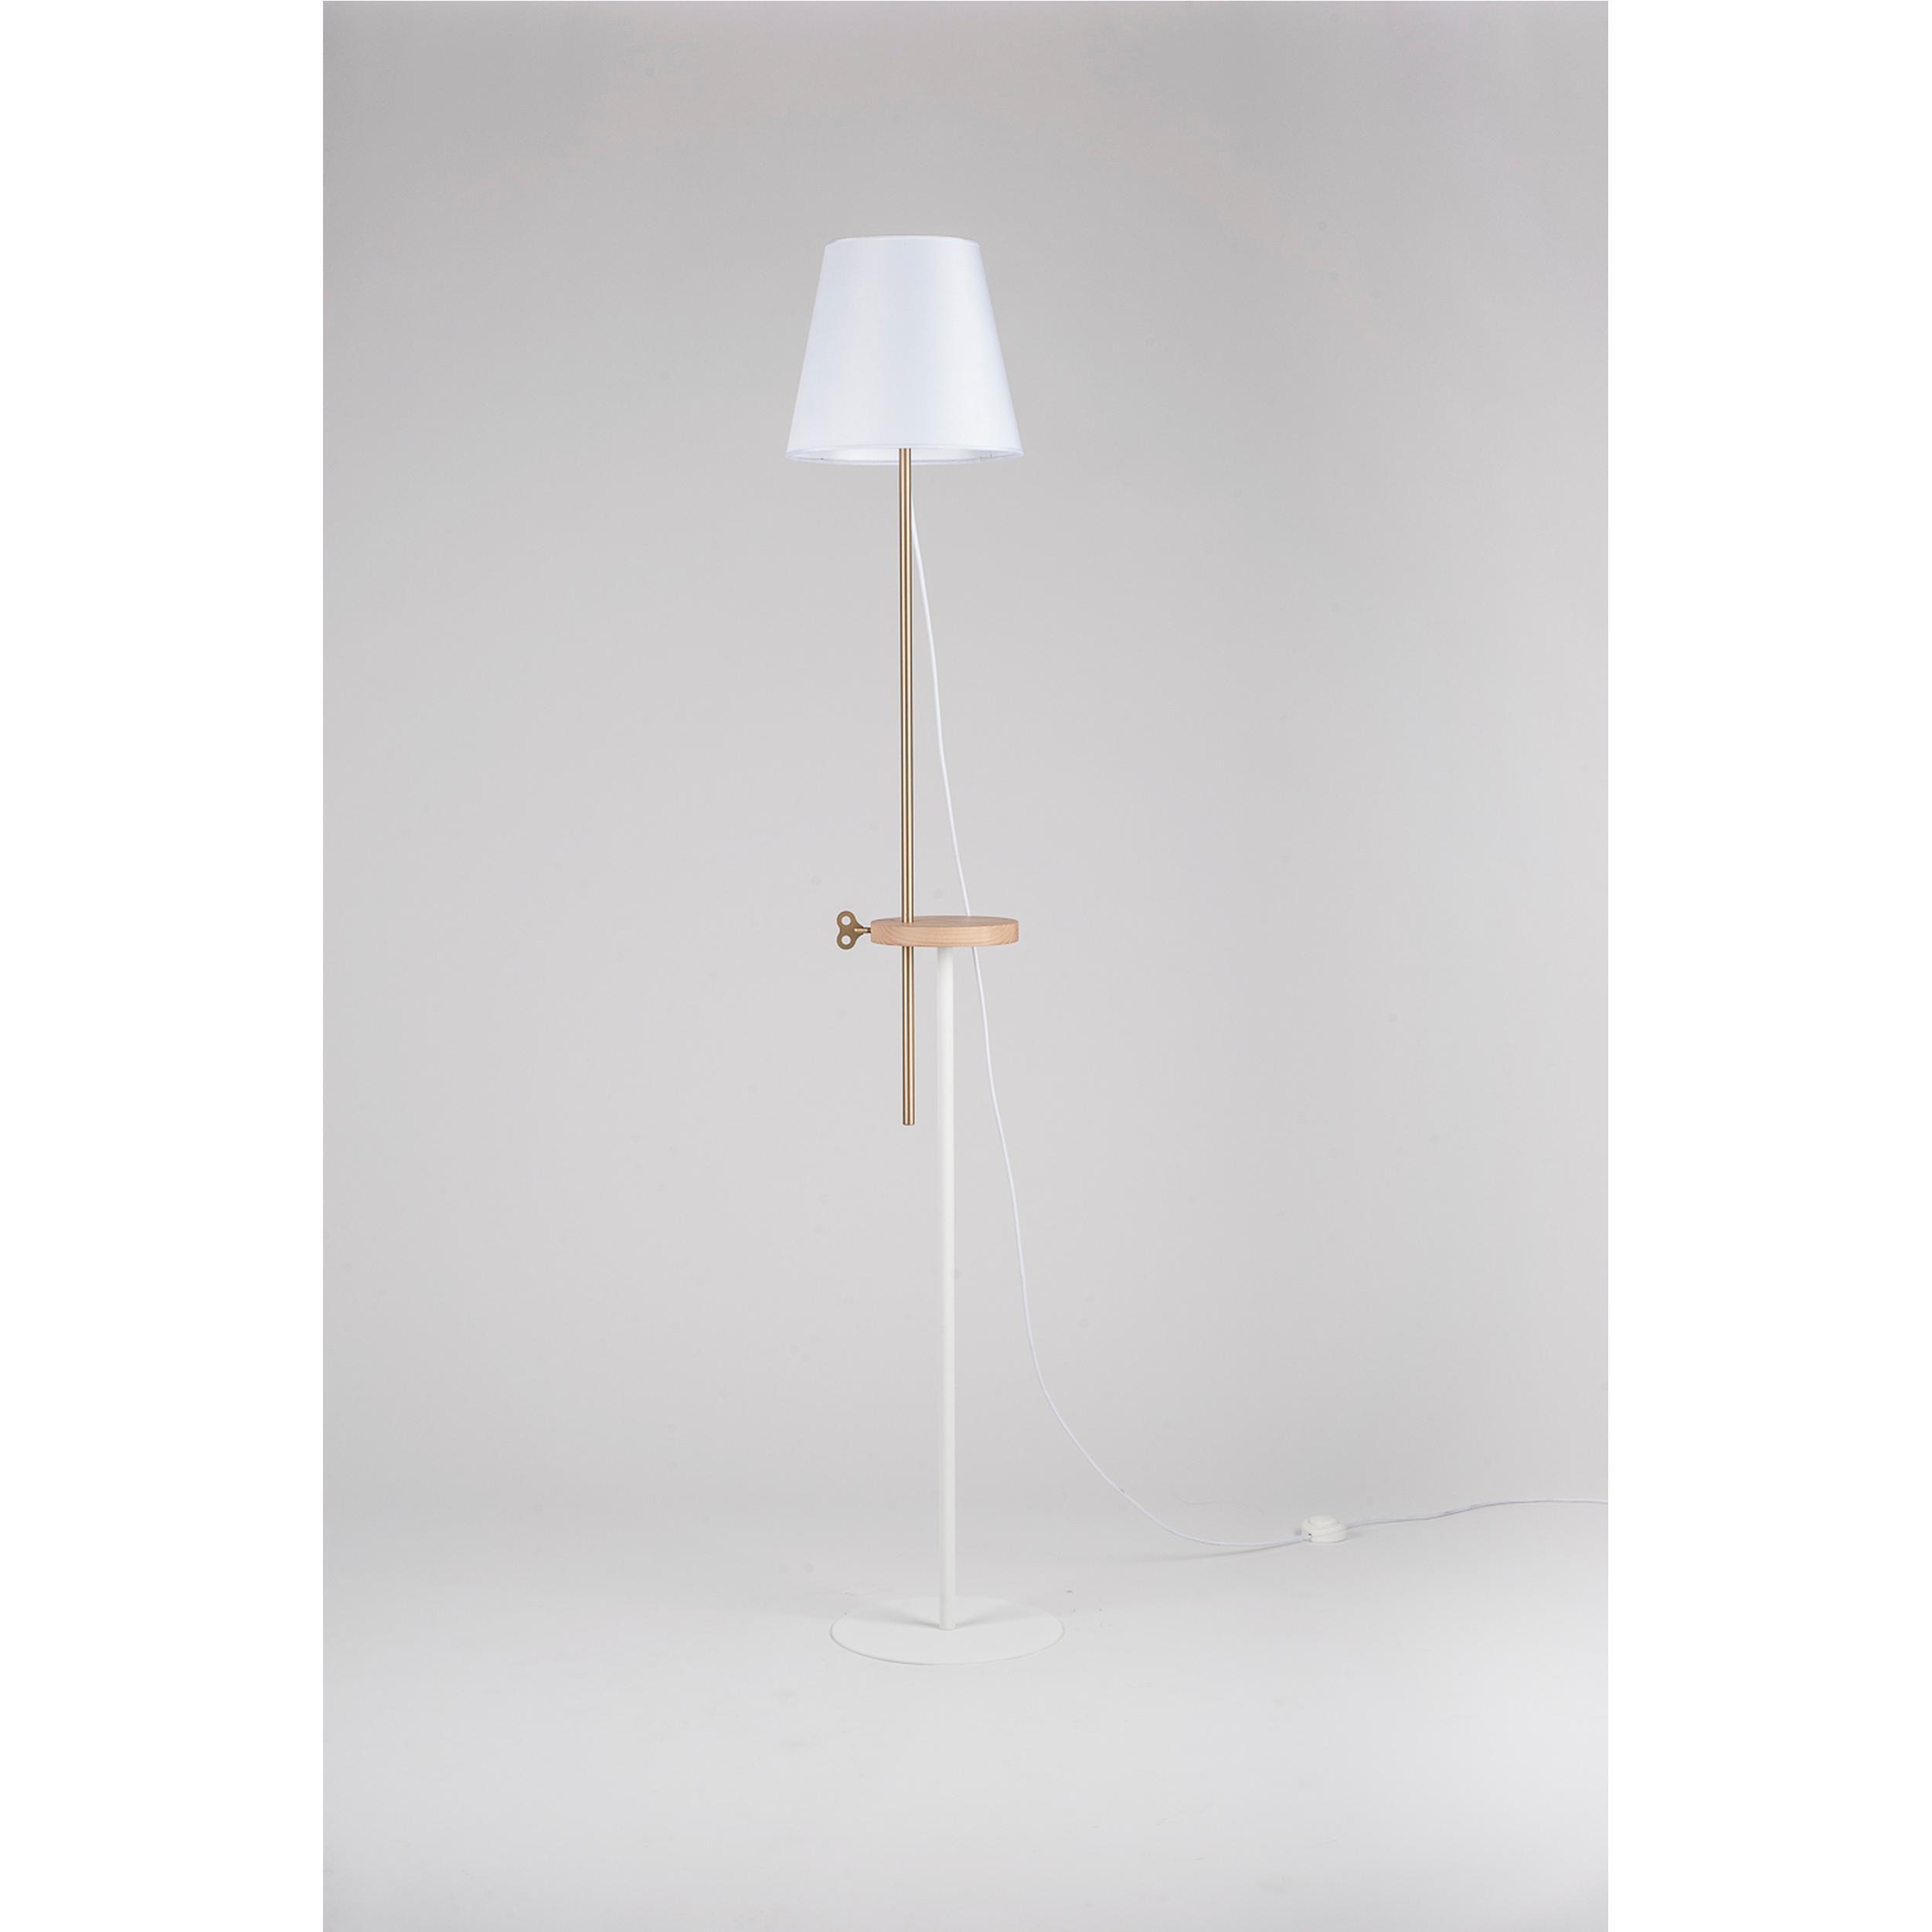 Lampada, piantana regolabile in altezza CAMILLA 30xh180 cm acciaio ,  frassino, ottone   FormAe